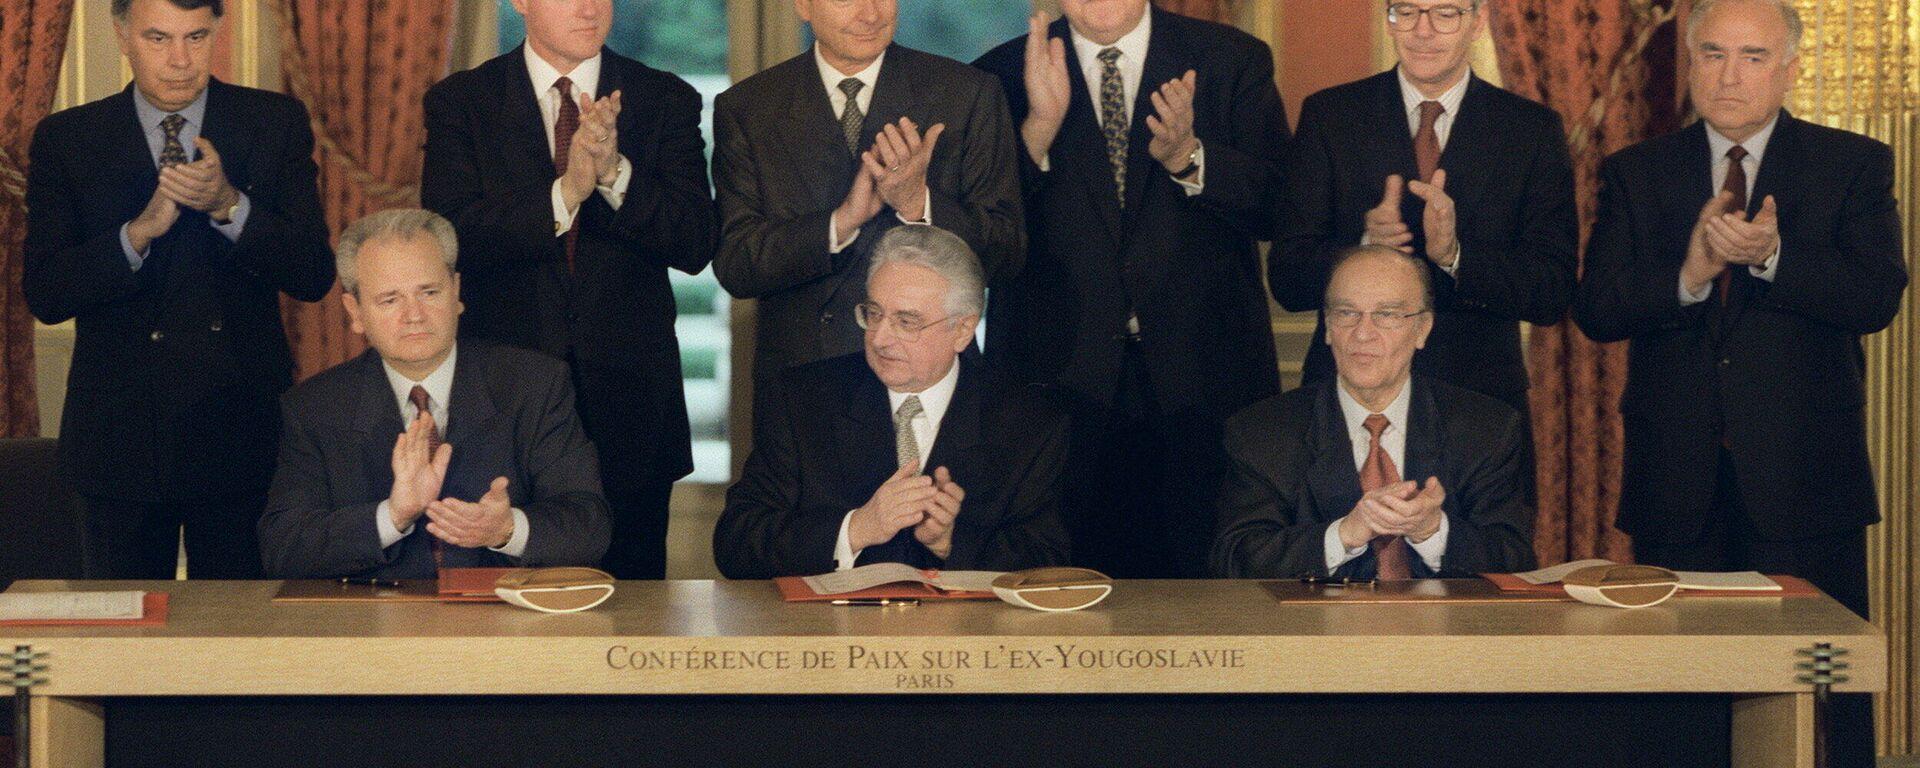 Potpisivanje potpunog i formalnog sporazuma u Parizu, nakon prethodnog dogovora u Dejtonu.  - Sputnik Srbija, 1920, 25.09.2021